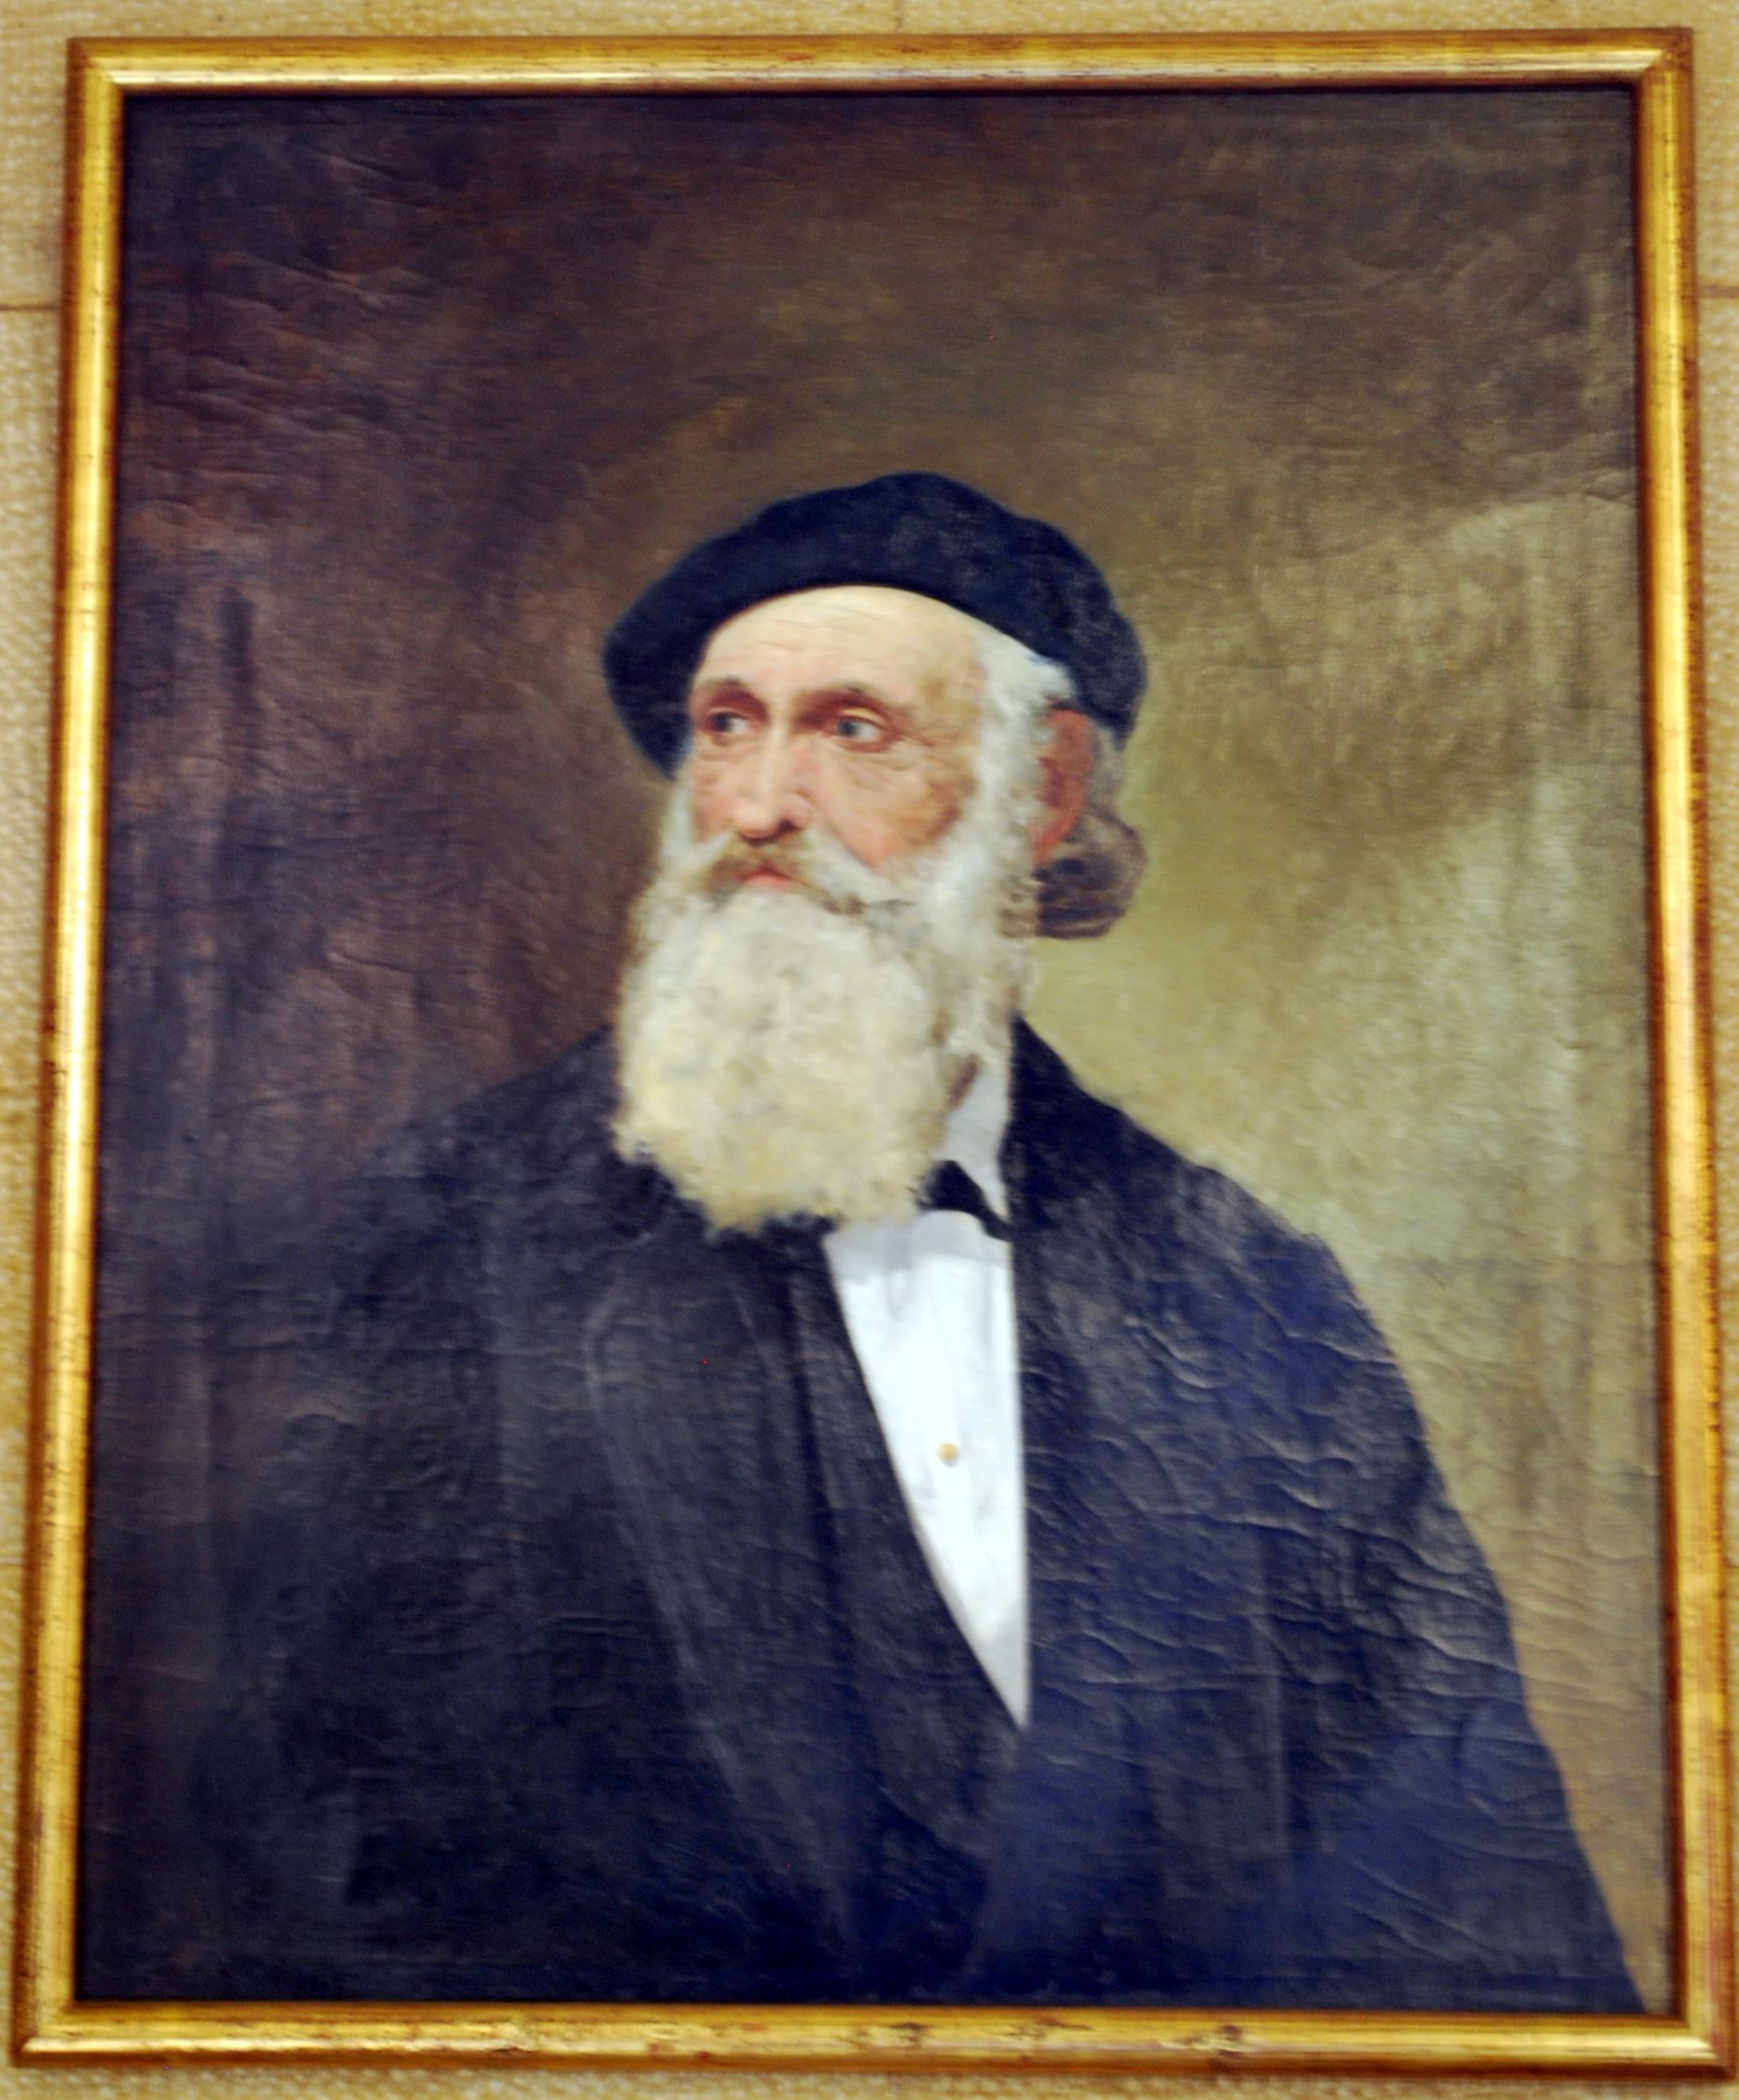 Retrato de Iparraguirre en la Casa de Juntas de Gernika.